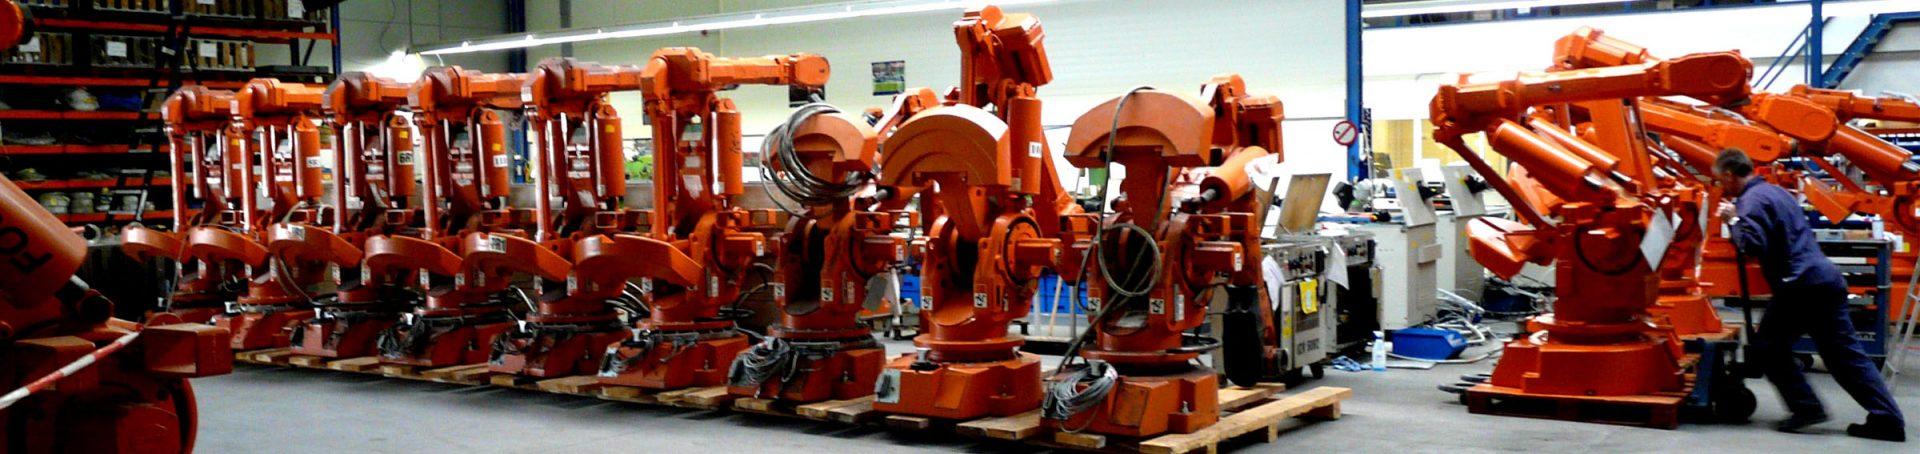 Robot spare parts ABB FANUC KUKA YASKAWA